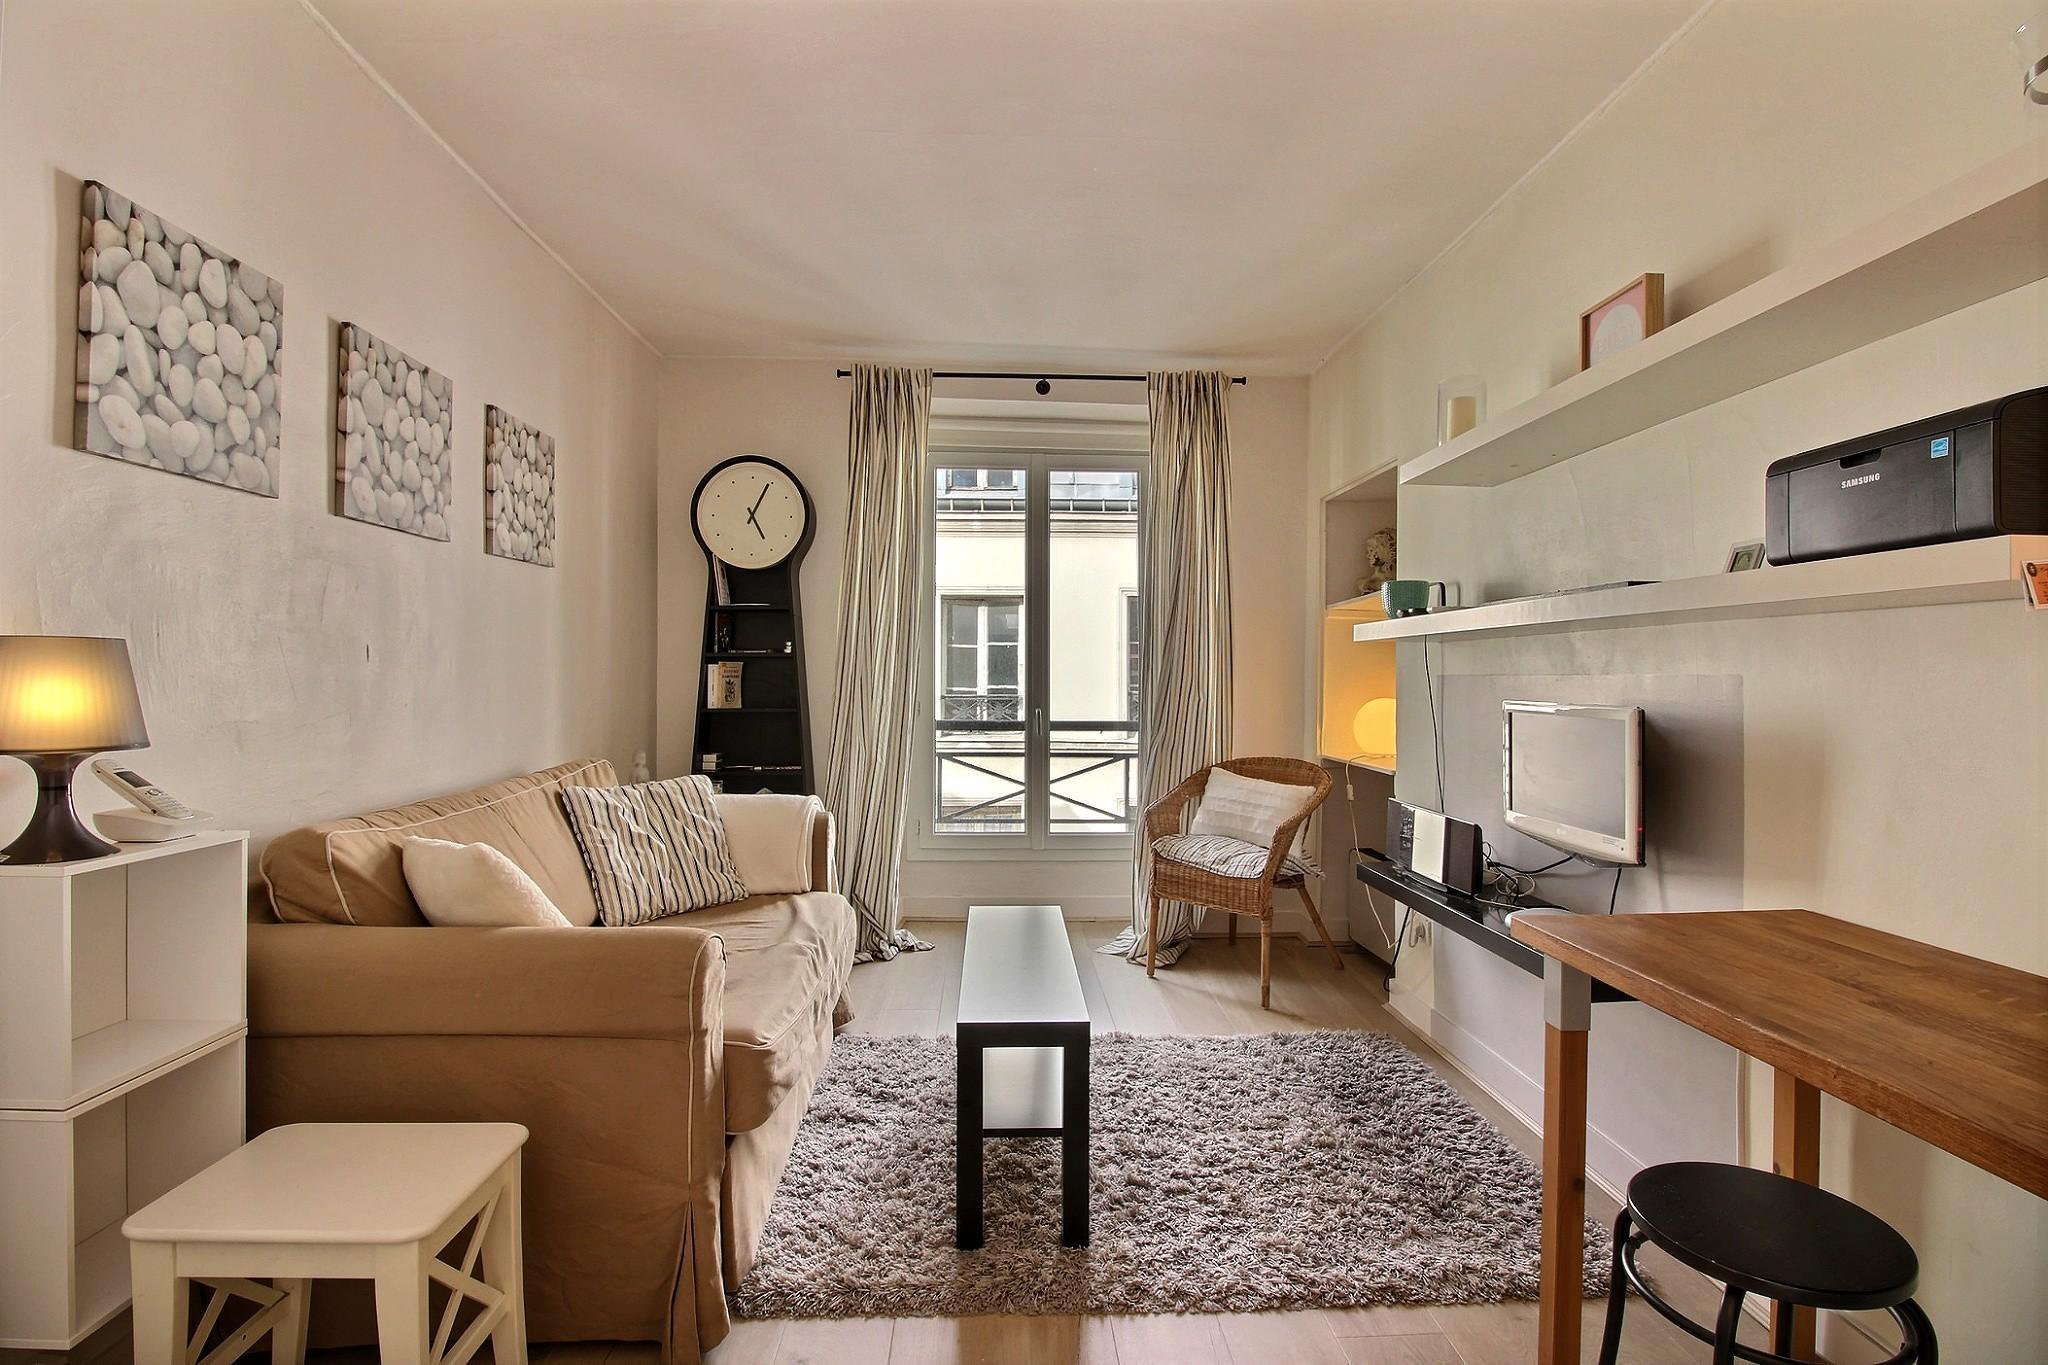 110206 - Appartement 2 personnes à Paris